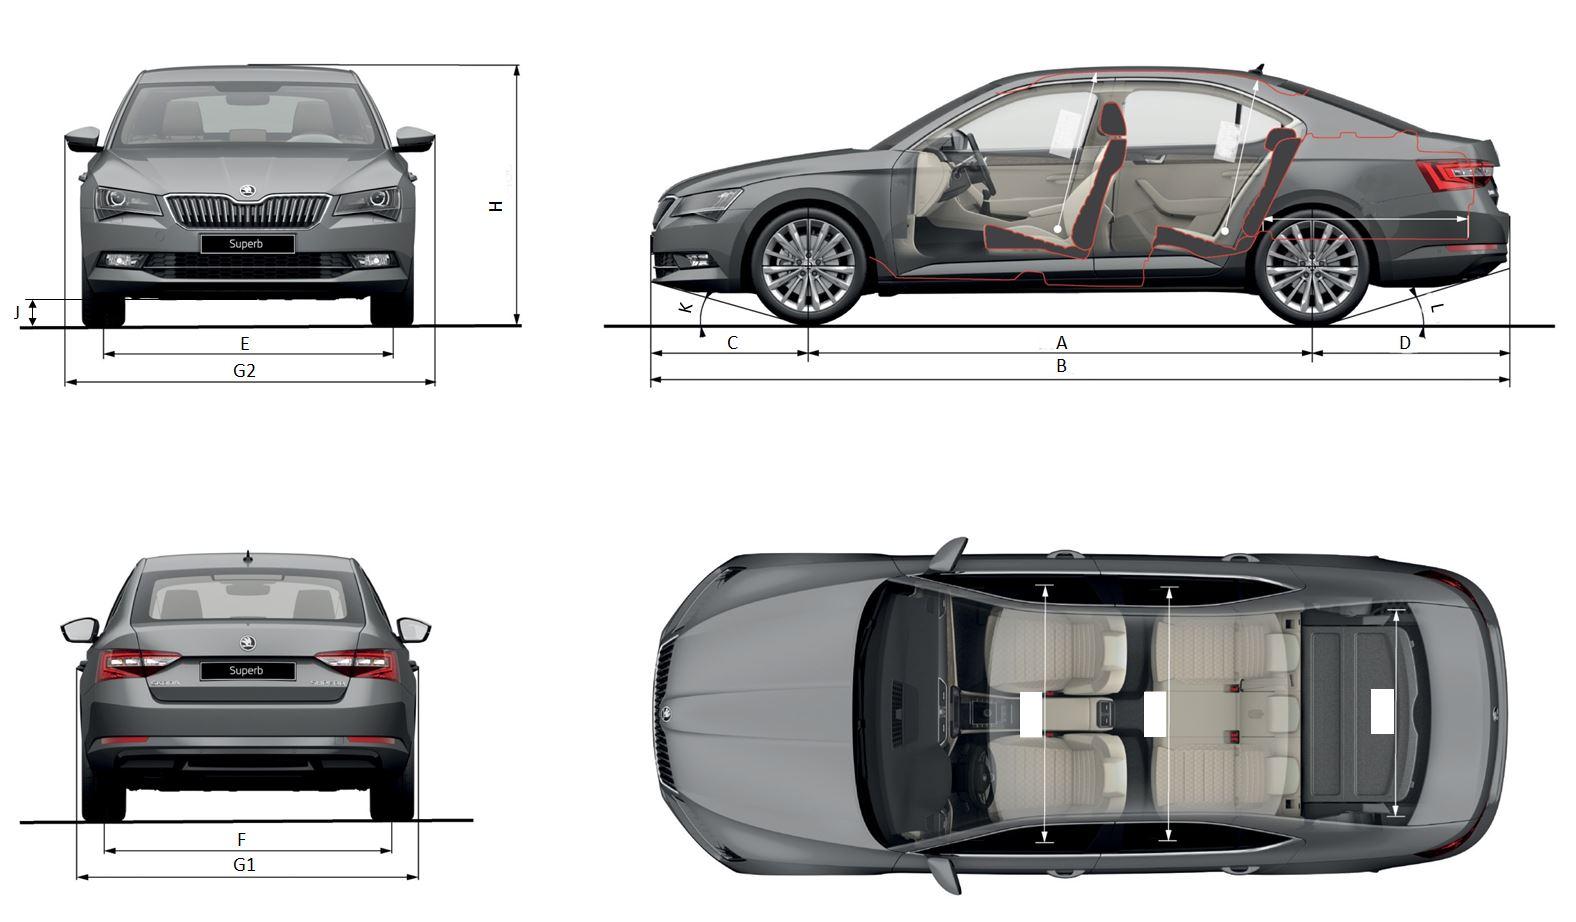 Grundabmessungen der Fahrzeuge